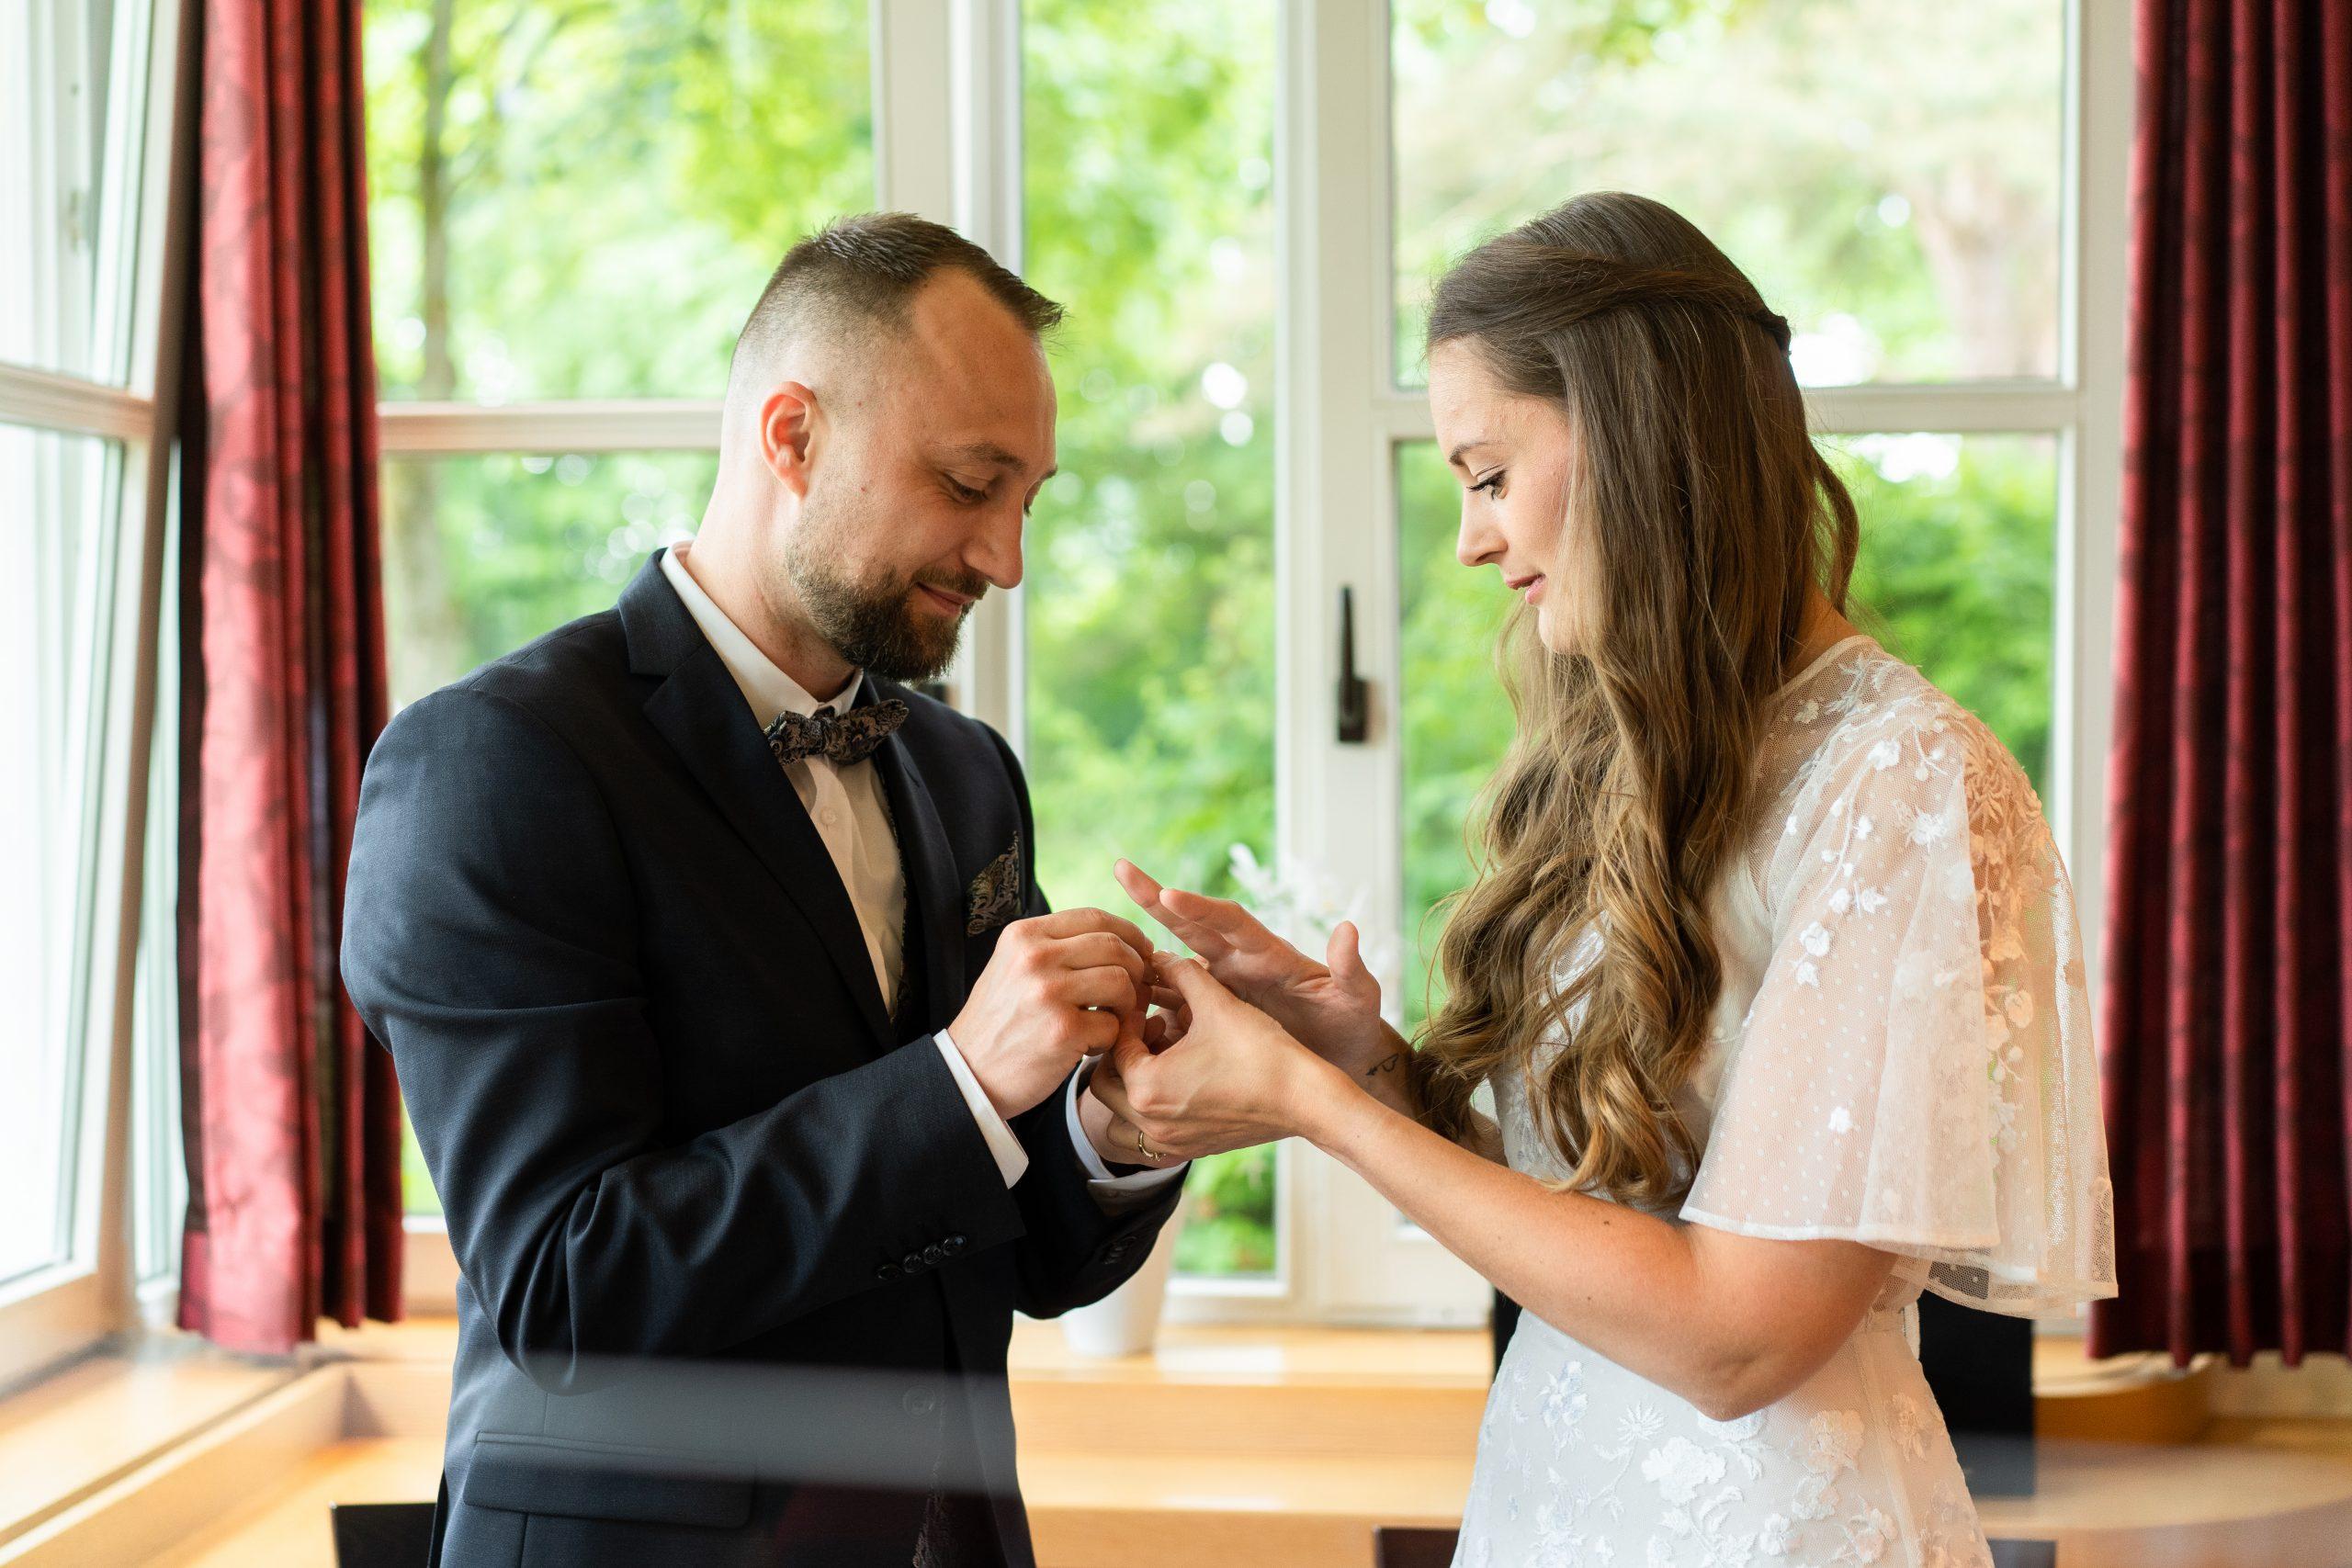 Ringe Brautpaar Ringtausch Standesamtbilder Hochzeitsfotograf Hochzeit Fotografie Weyhe